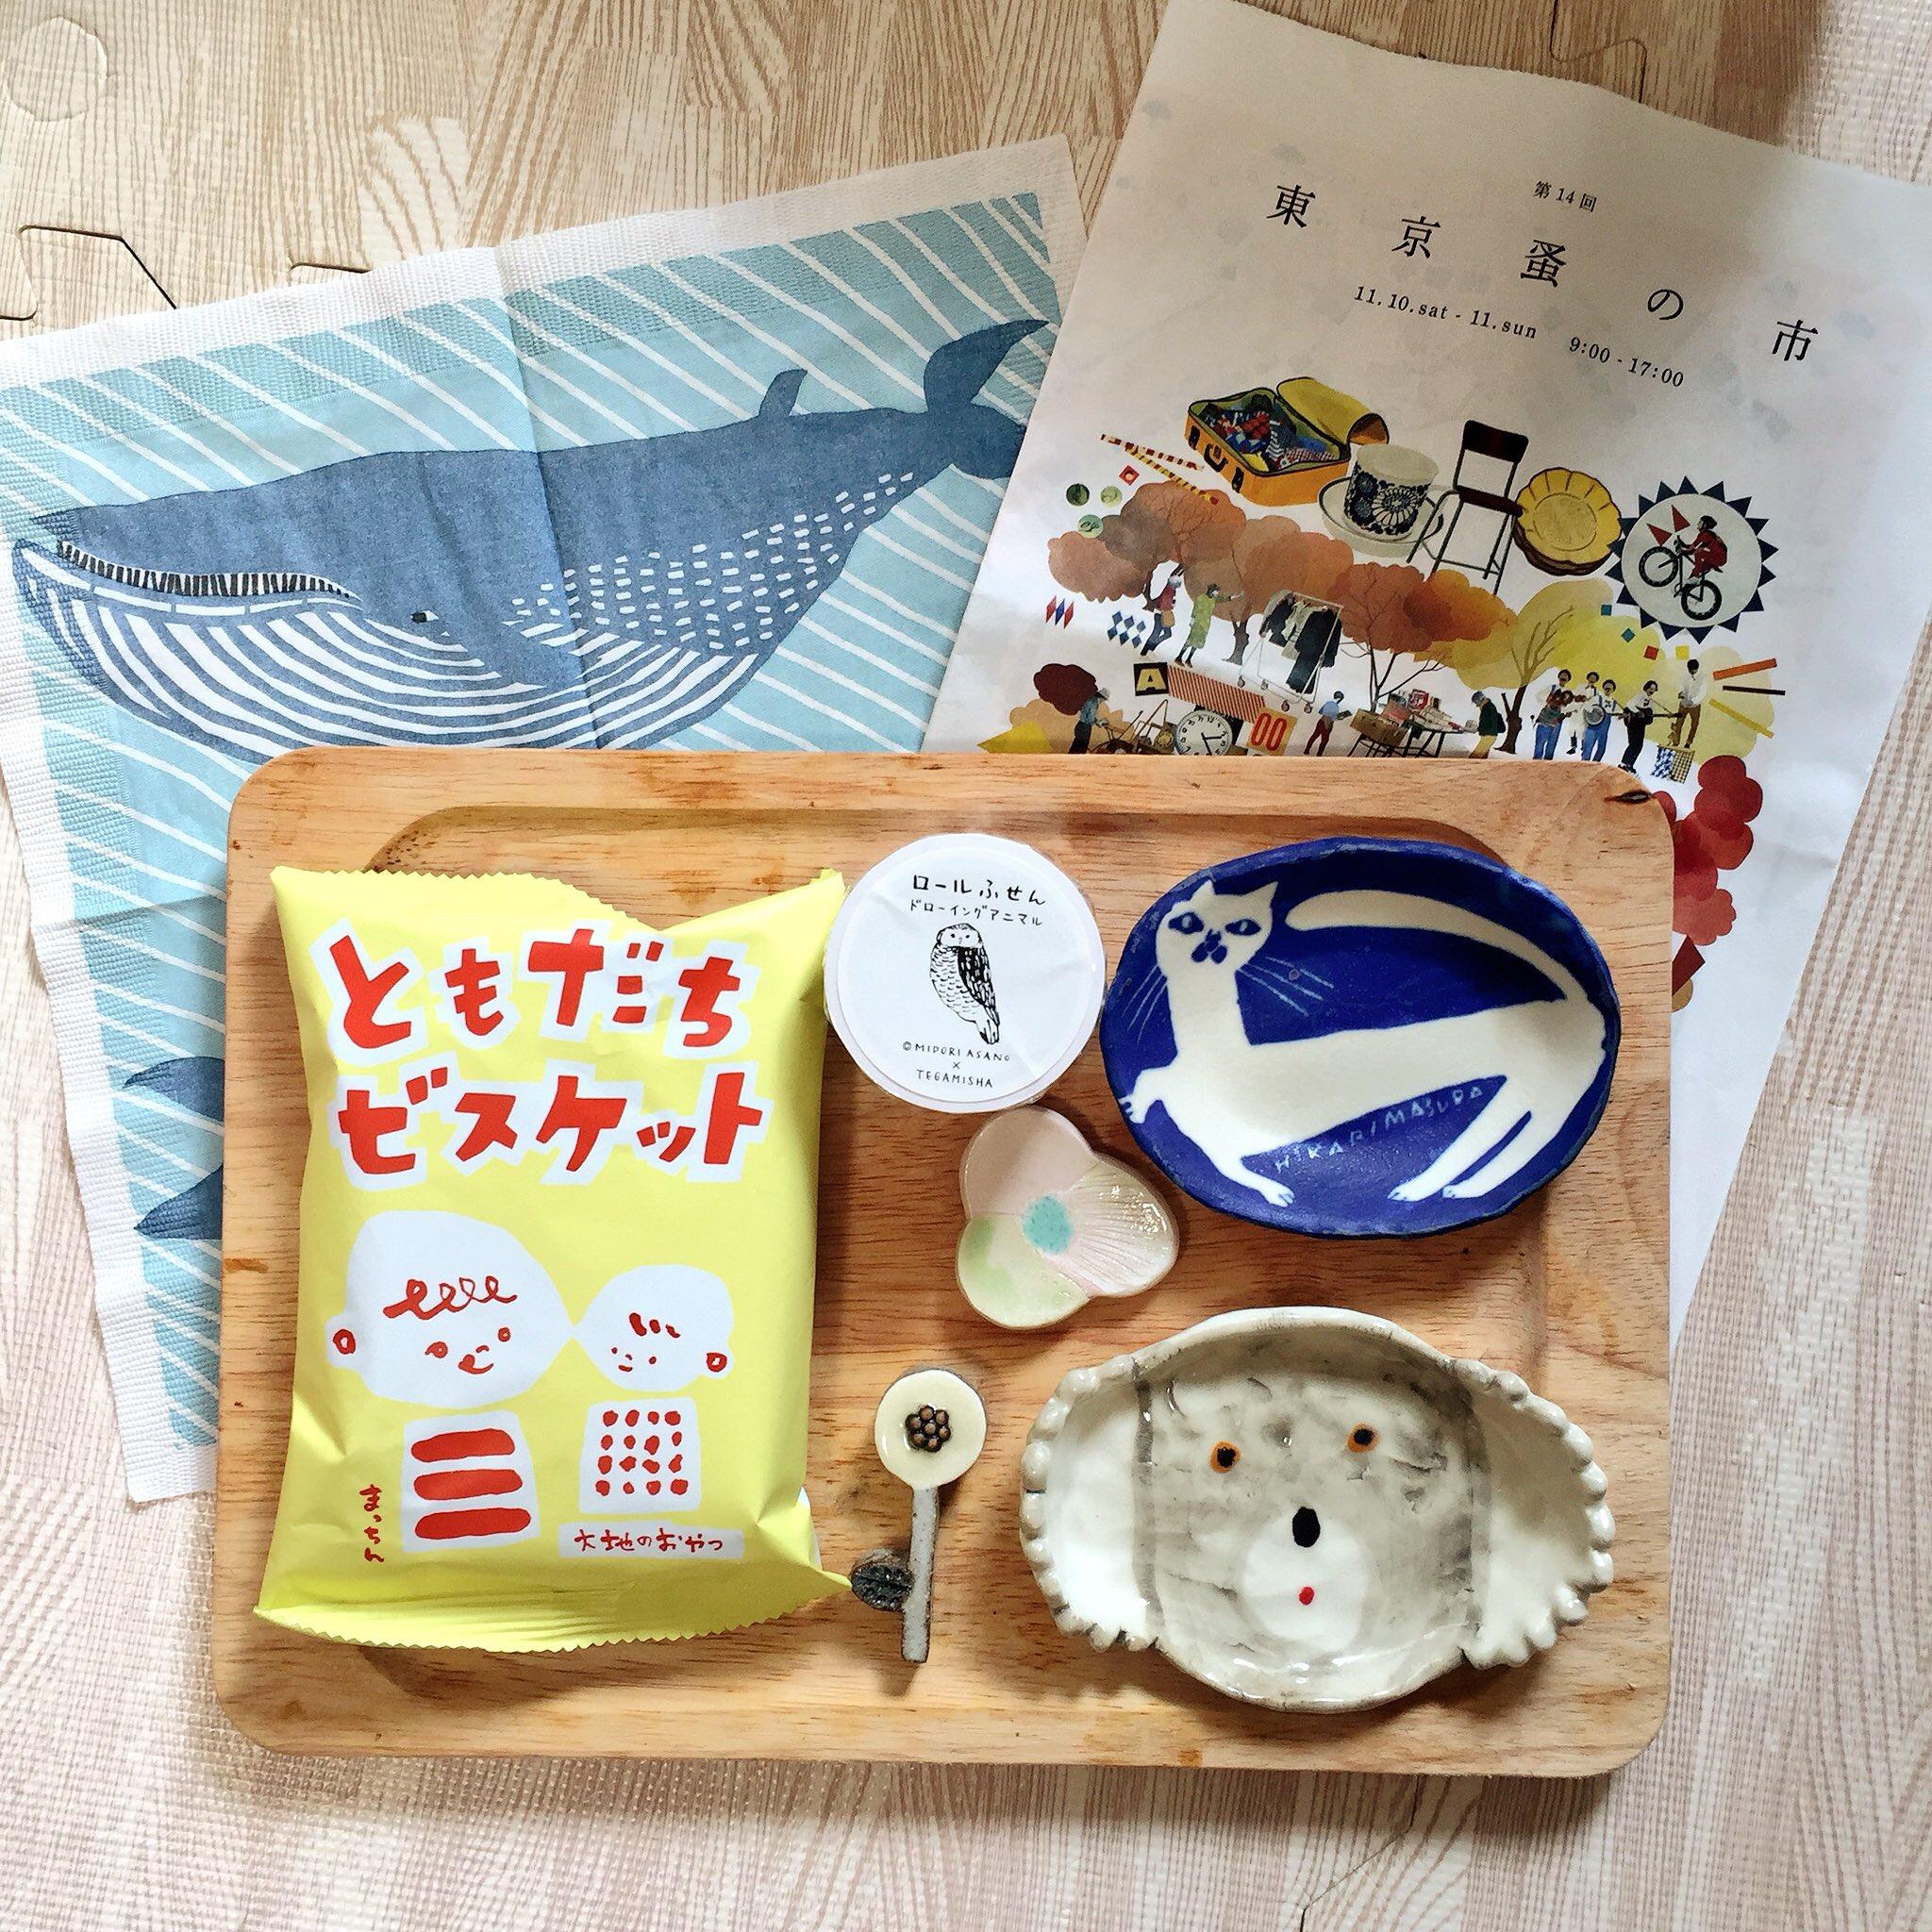 第14回東京蚤の市のランチや混雑状況!感想とレポート